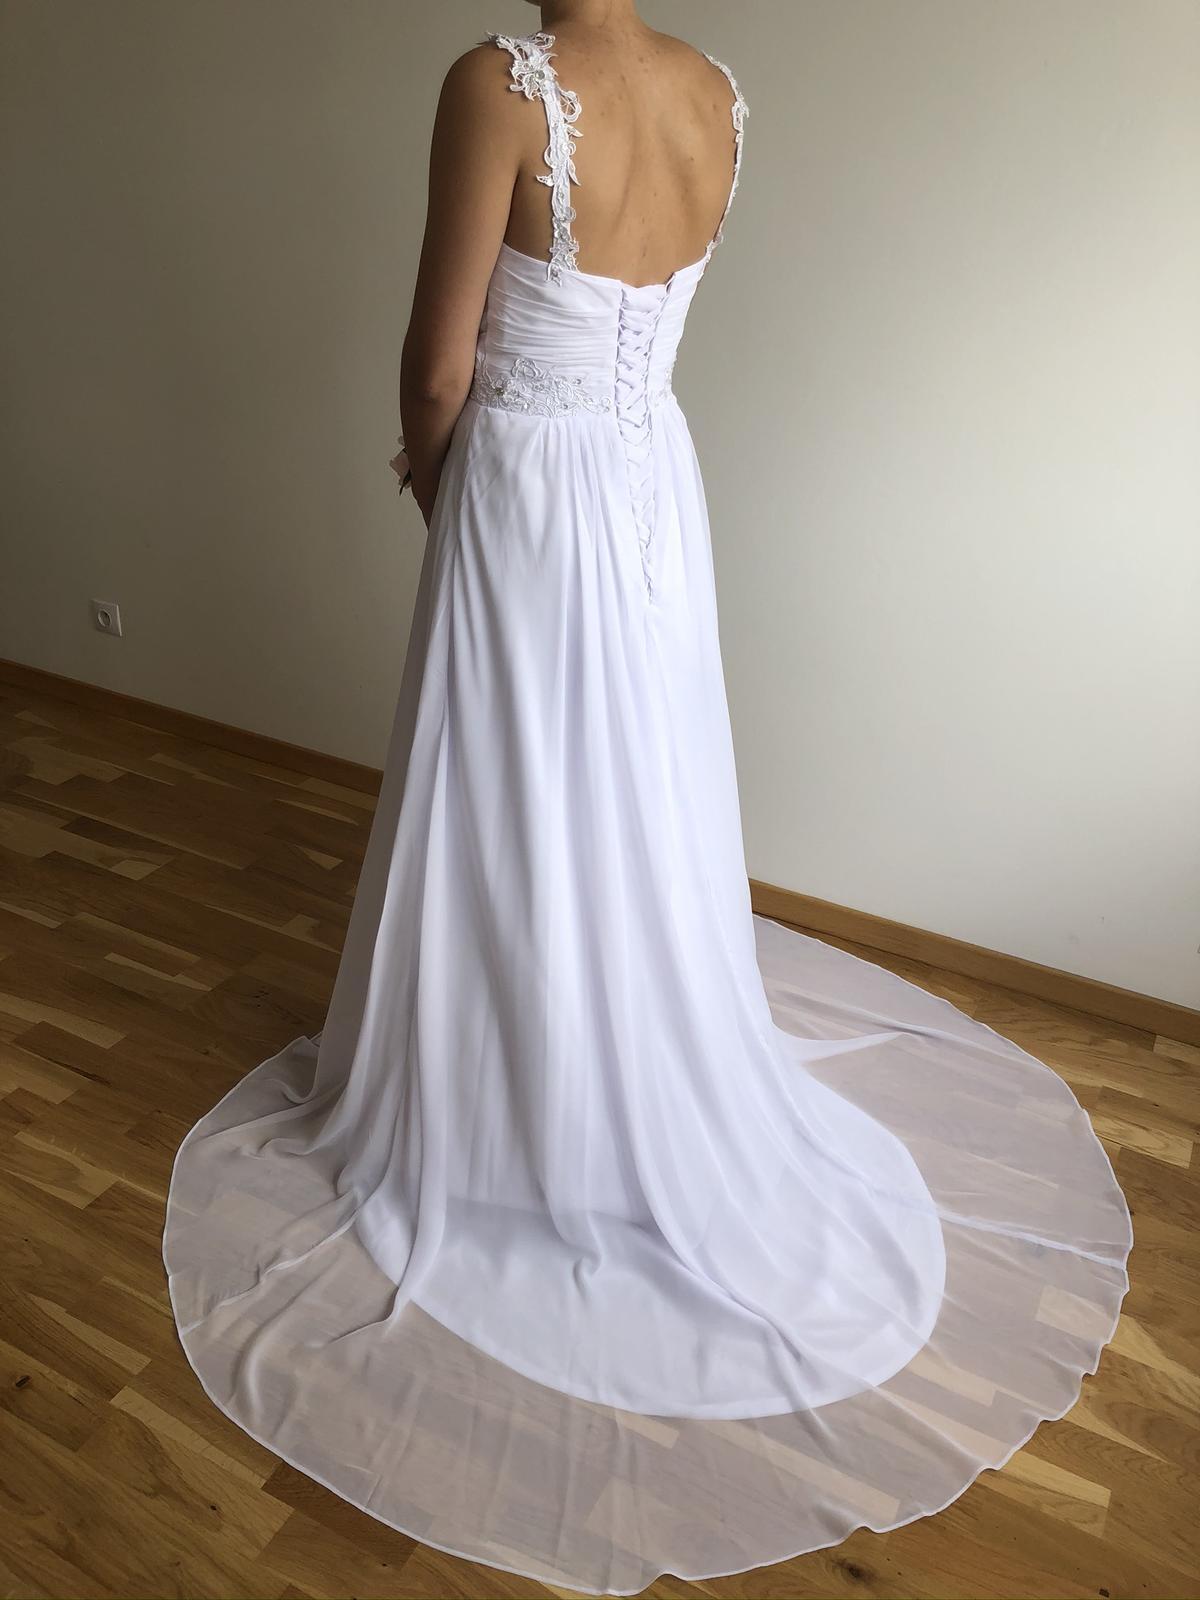 Splývavé svatební šaty, vel 40-42 - Obrázek č. 4